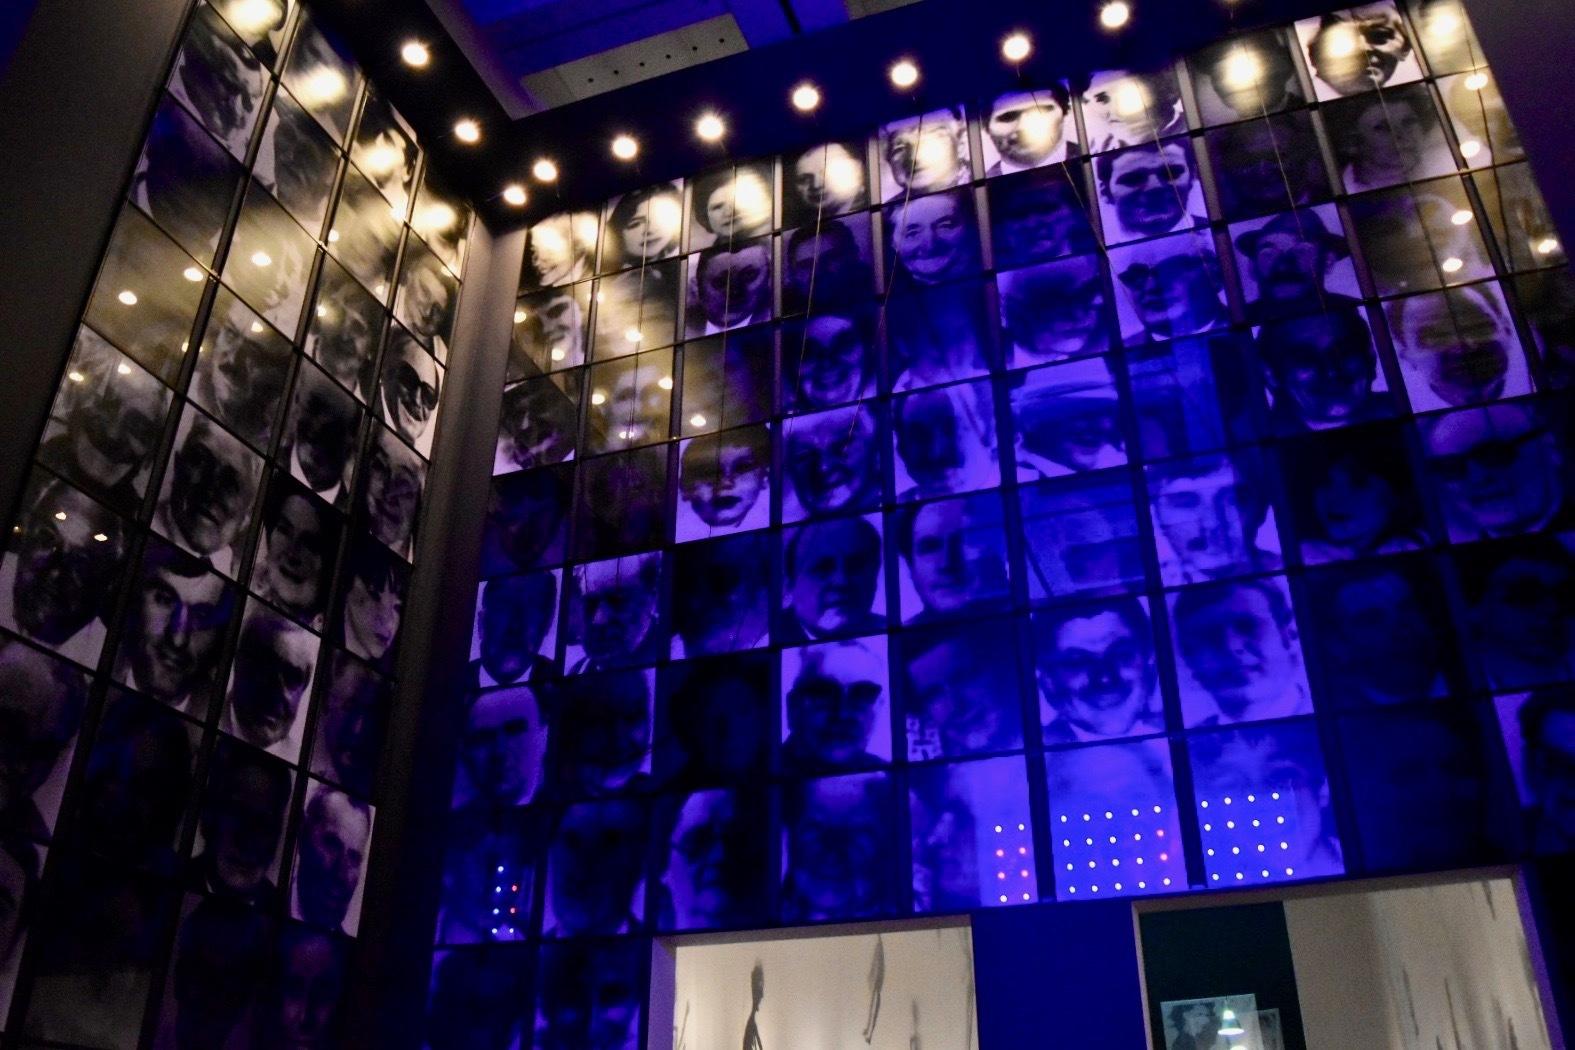 《三面記事》 2000年 「クリスチャン・ボルタンスキー −Lifetime」展 2019年 国立新美術館展示風景